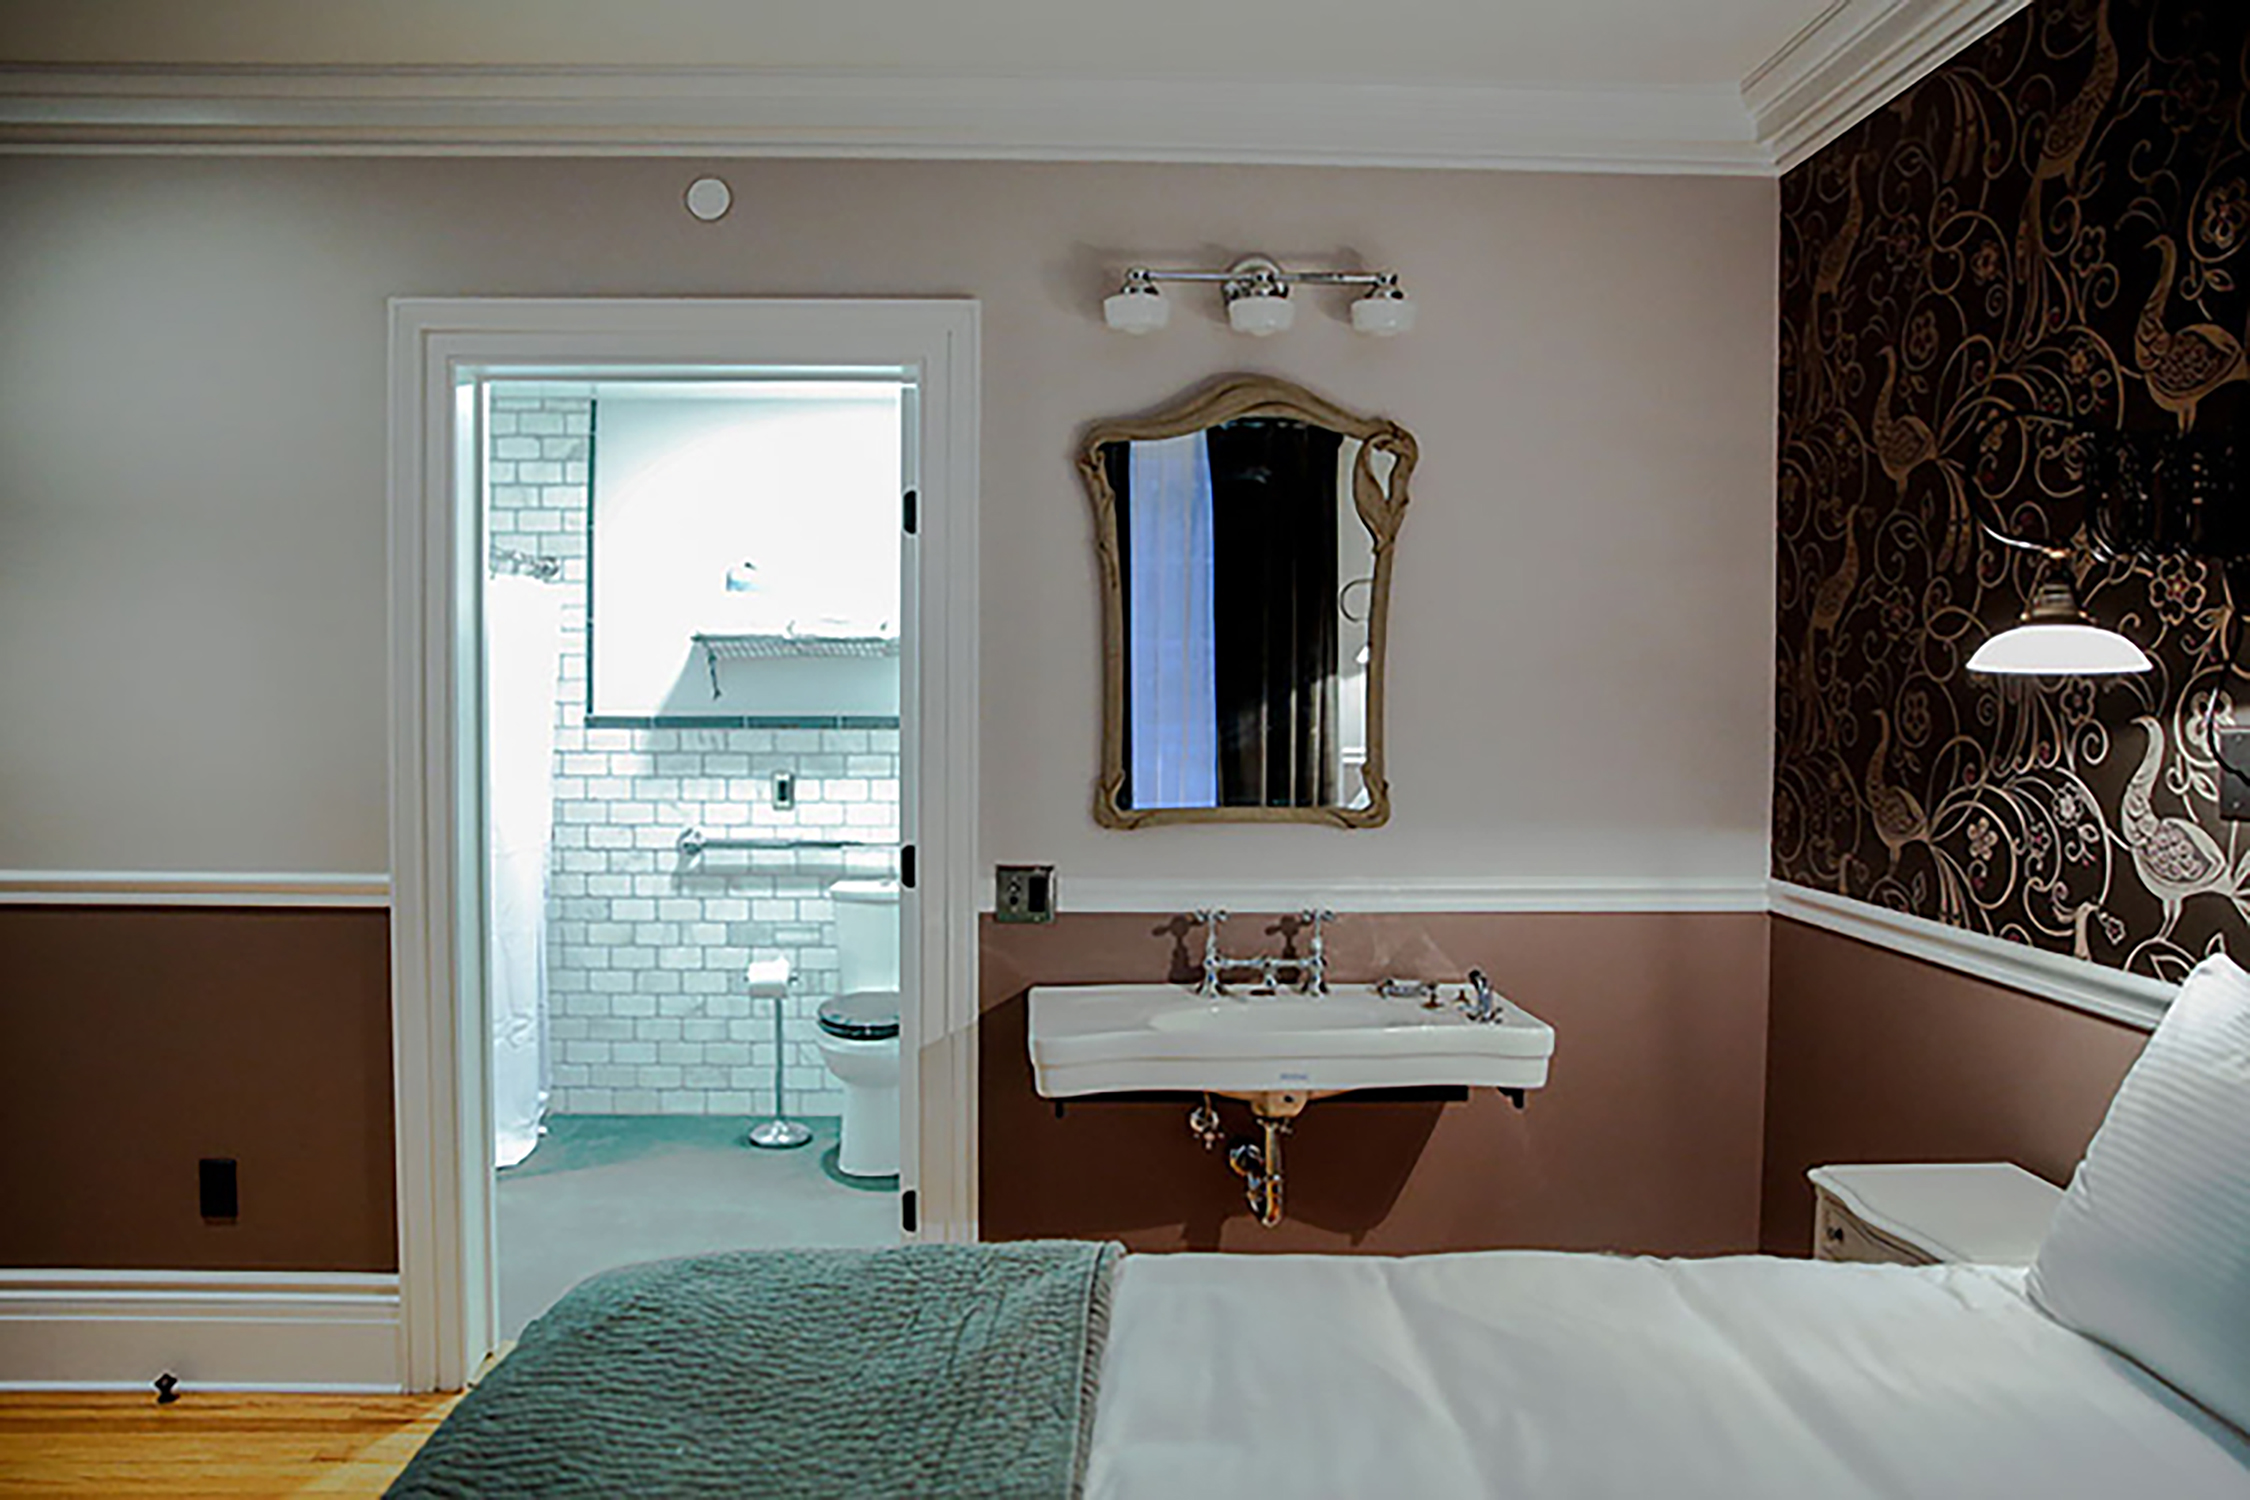 5 guestroom101_b.jpg